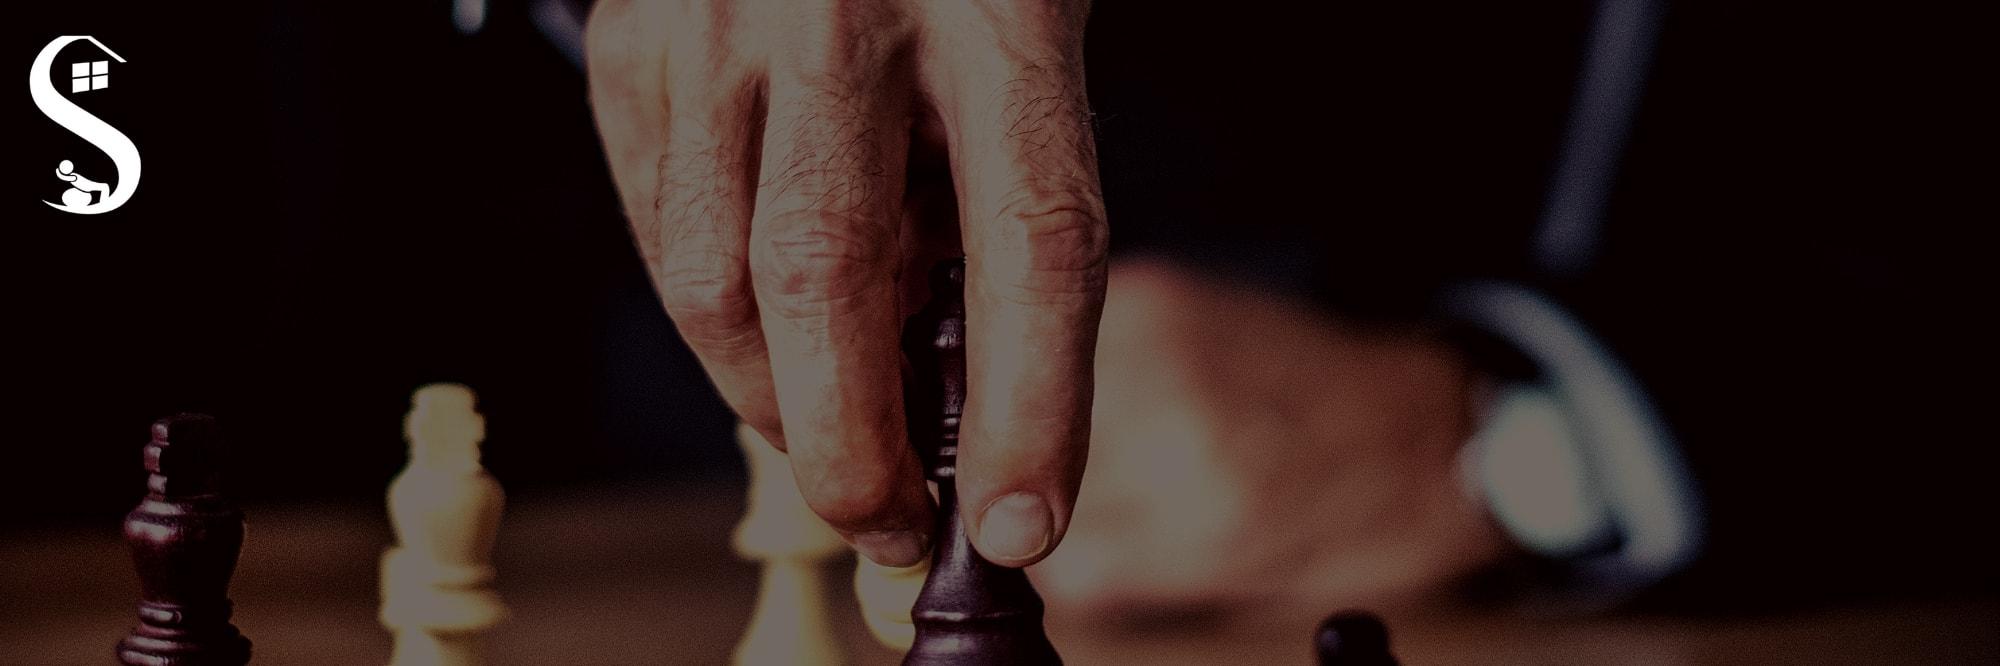 Mantenha a memória afiada mesmo depois de envelhecer. Ao envelhecer são comuns que os problemas de memória se tornem mais evidentes